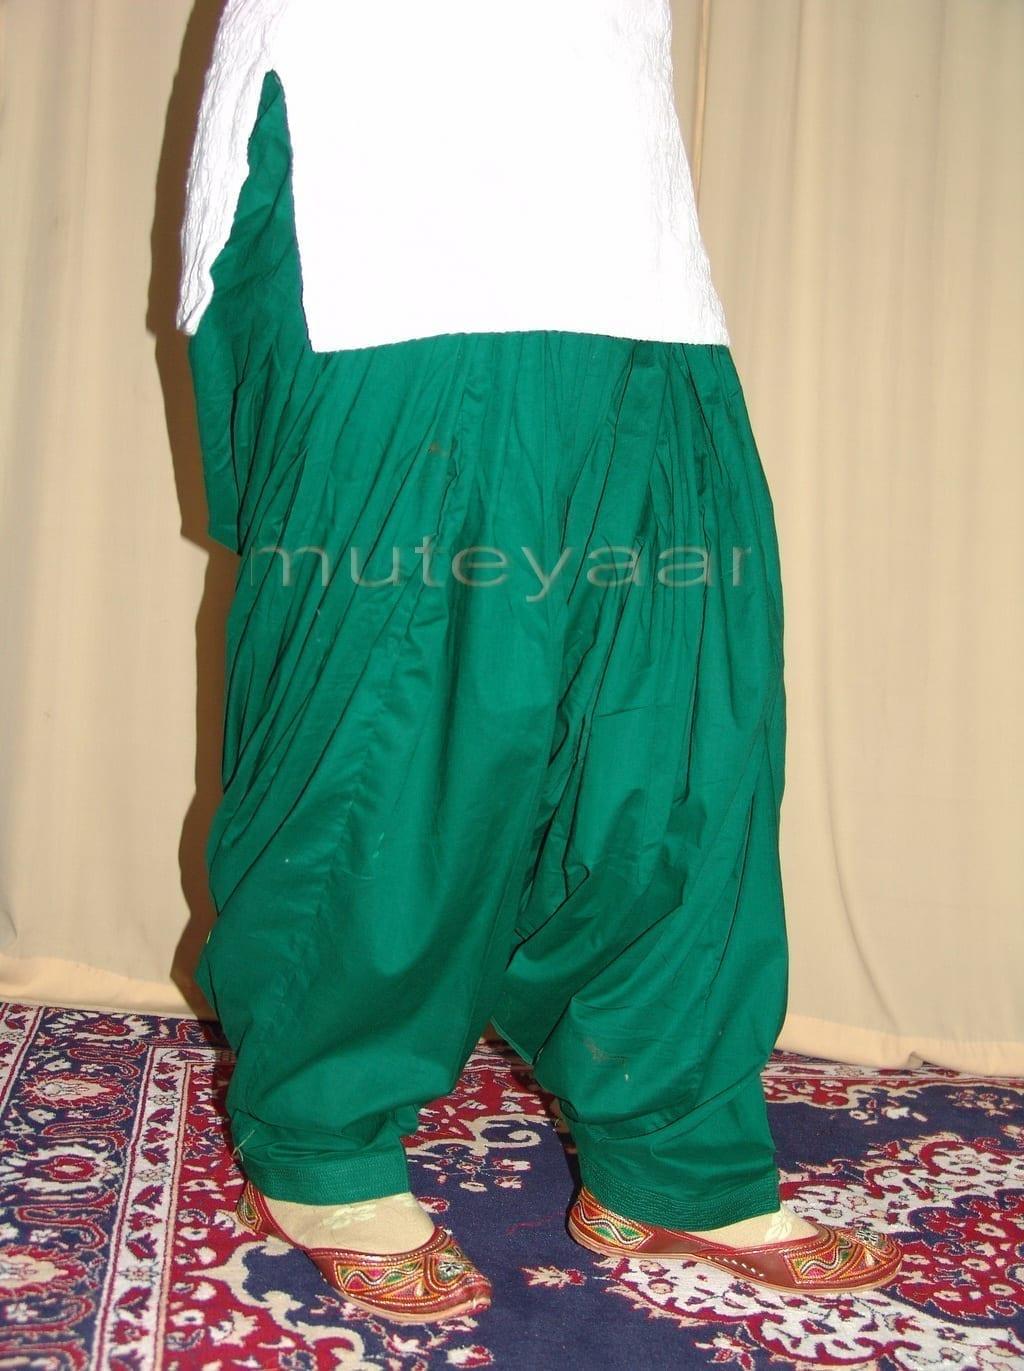 Patiala Salwars Wholesale Lot of 25 Pure Cotton Pants - Mix colours 16